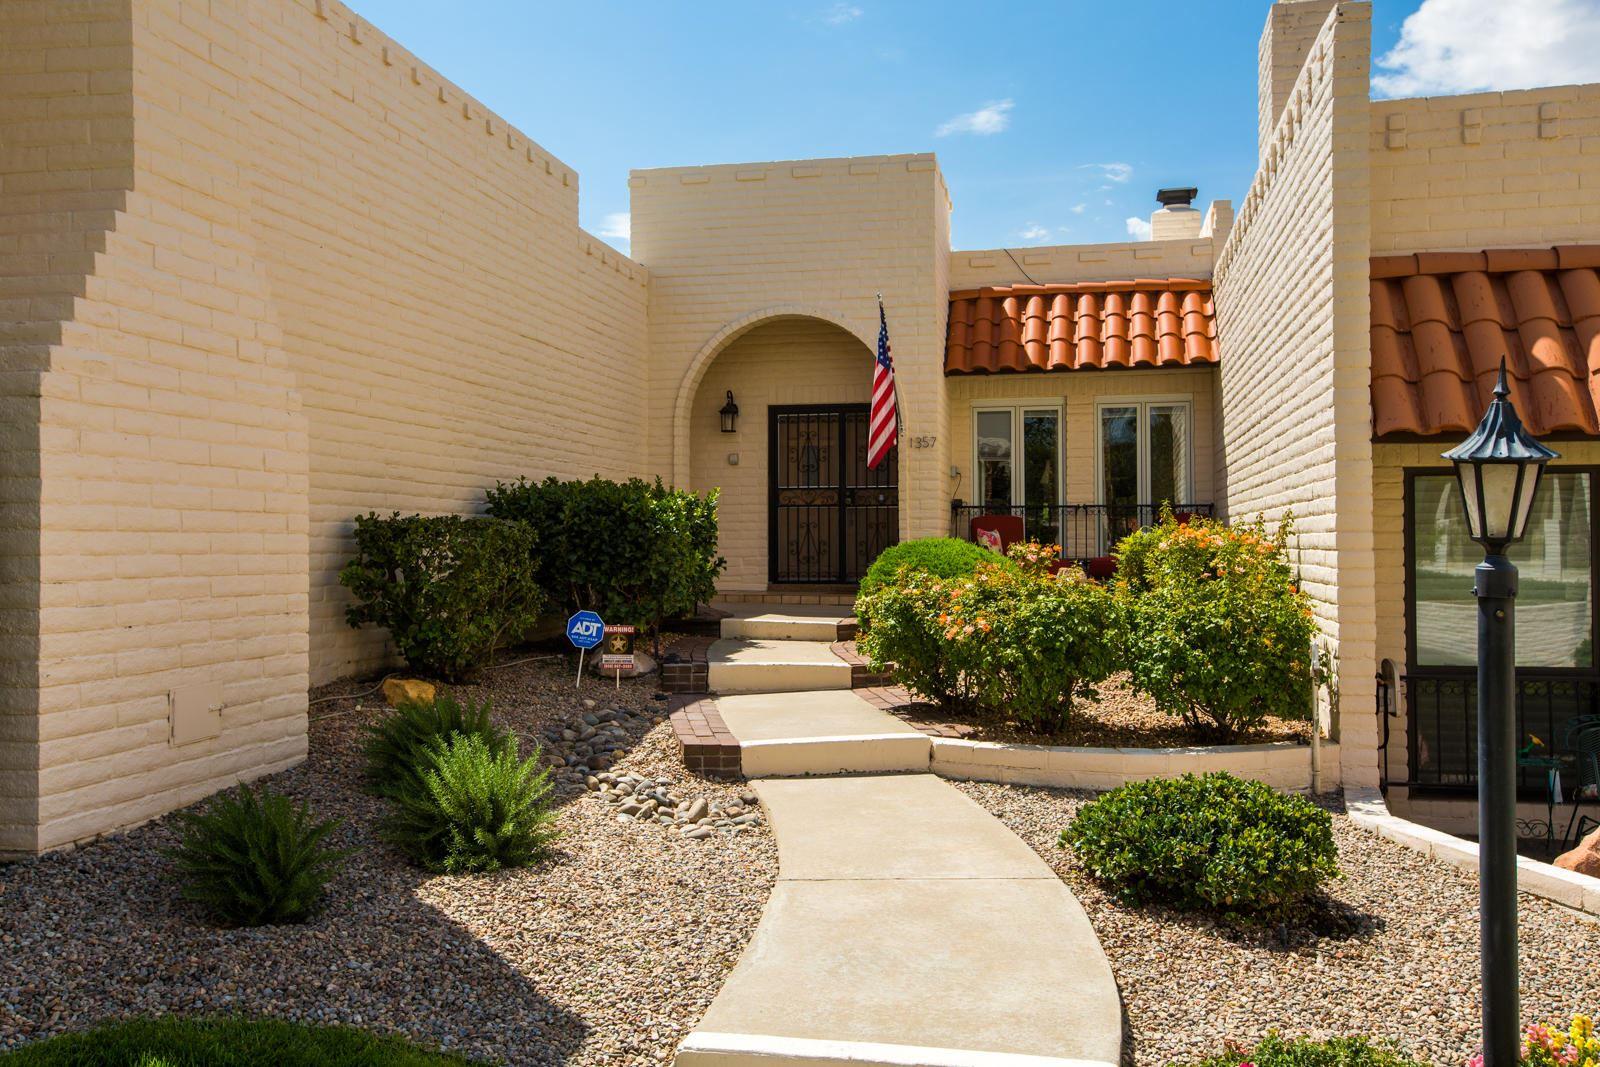 1357 WAGON TRAIN Drive SE, Albuquerque, NM 87123 - MLS#: 986570